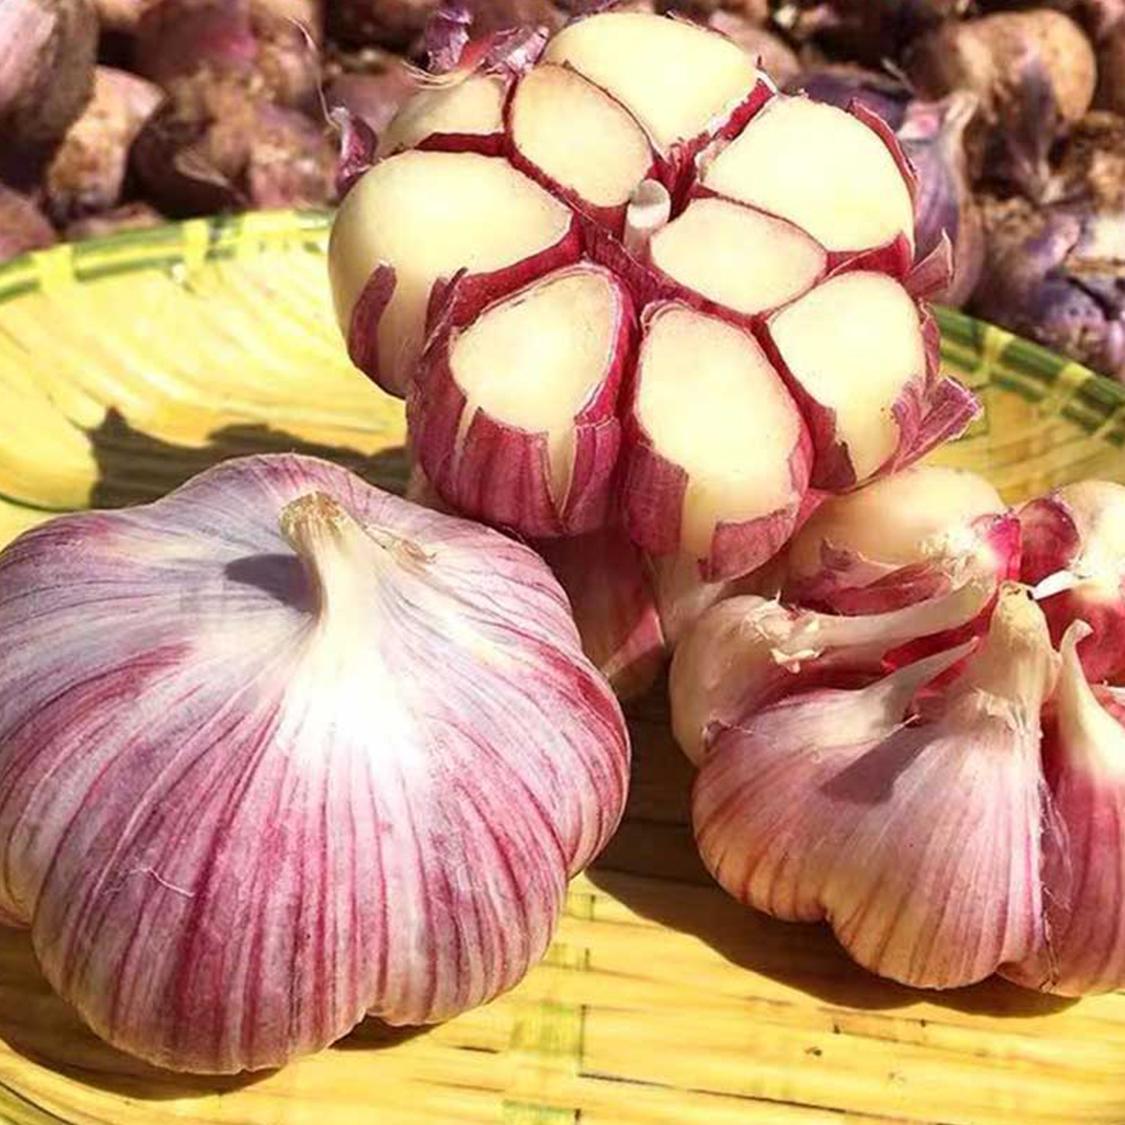 云南现挖紫皮多瓣蒜湿大蒜